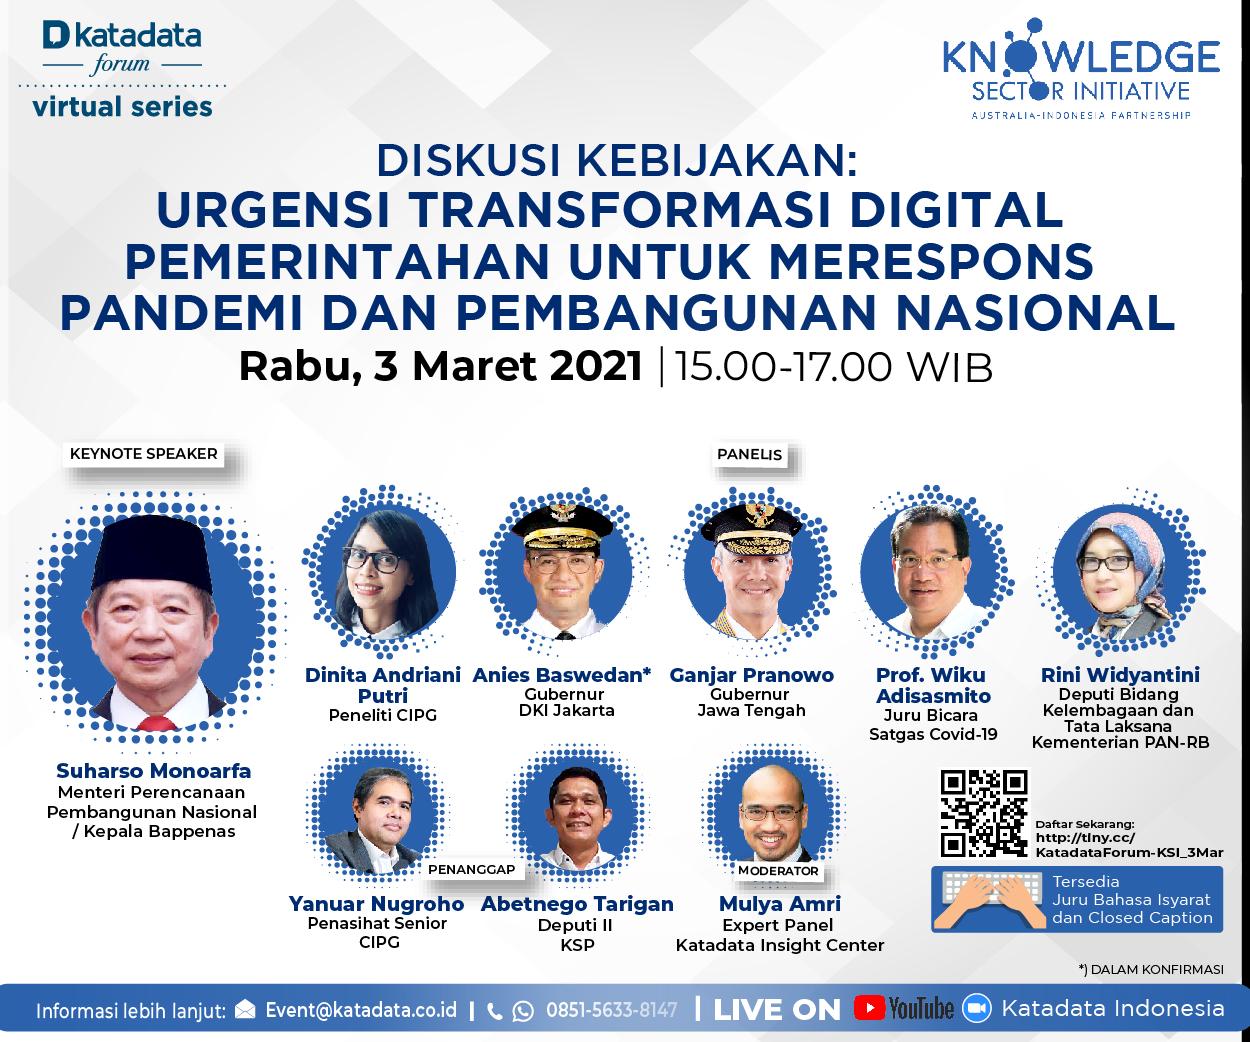 Knowledge Sector Initiative - Katadata Forum Diskusi Kebijakan: Urgensi Transformasi Digital Pemerintahan untuk Merespons Pandemi dan Pembangunan Nasional